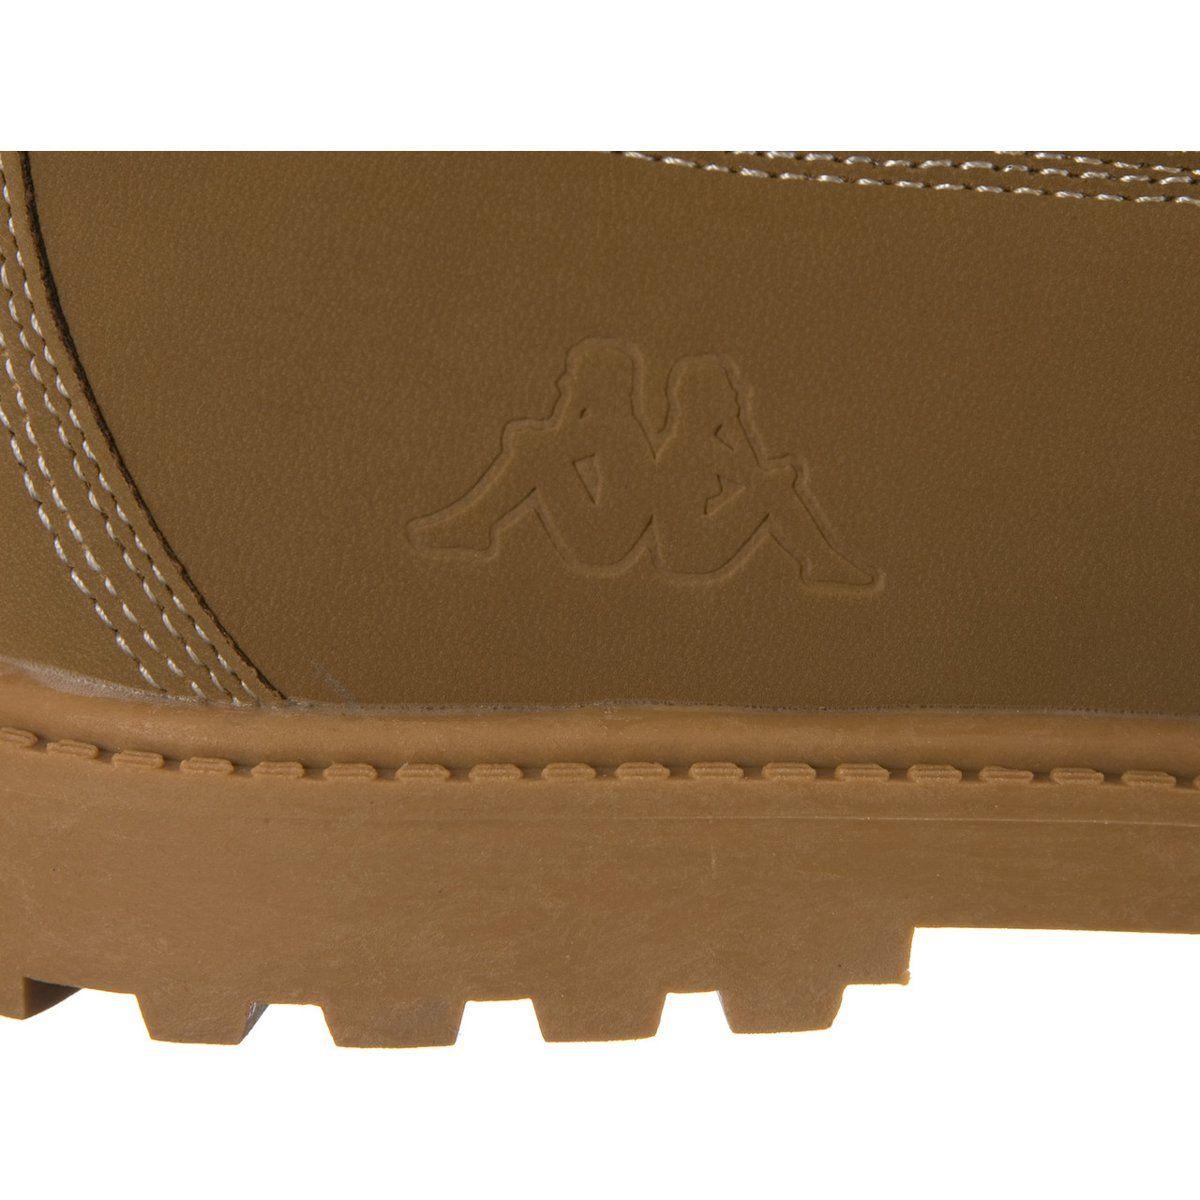 Trekkingowe Damskie Kappa Kappa Brazowe Kombo Mid Beige Brown Beige Brown Continental Wallet